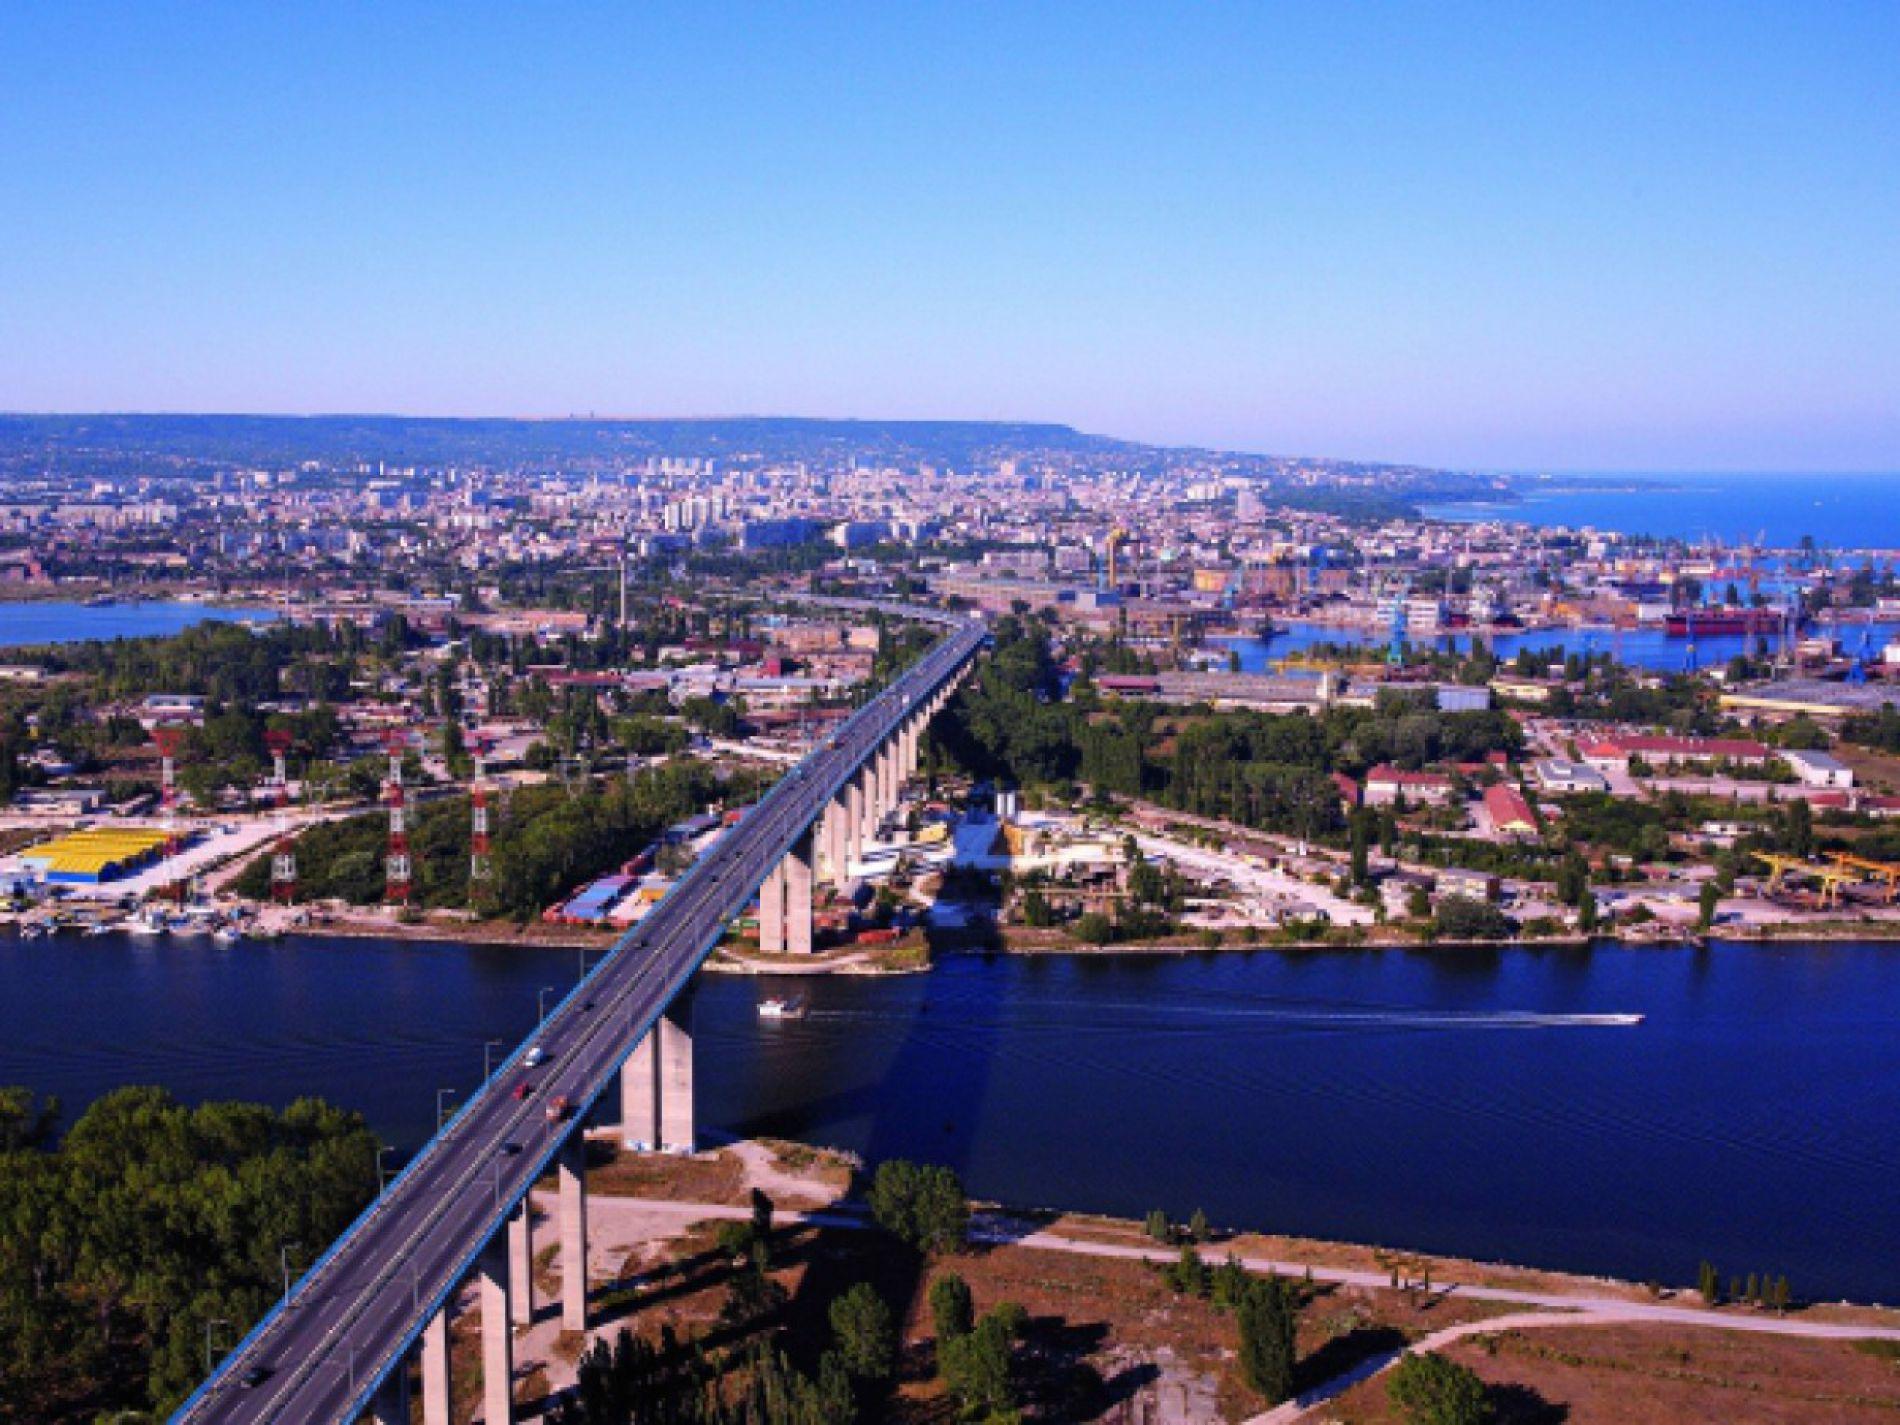 Започва ремонт на петия булевард във Варна